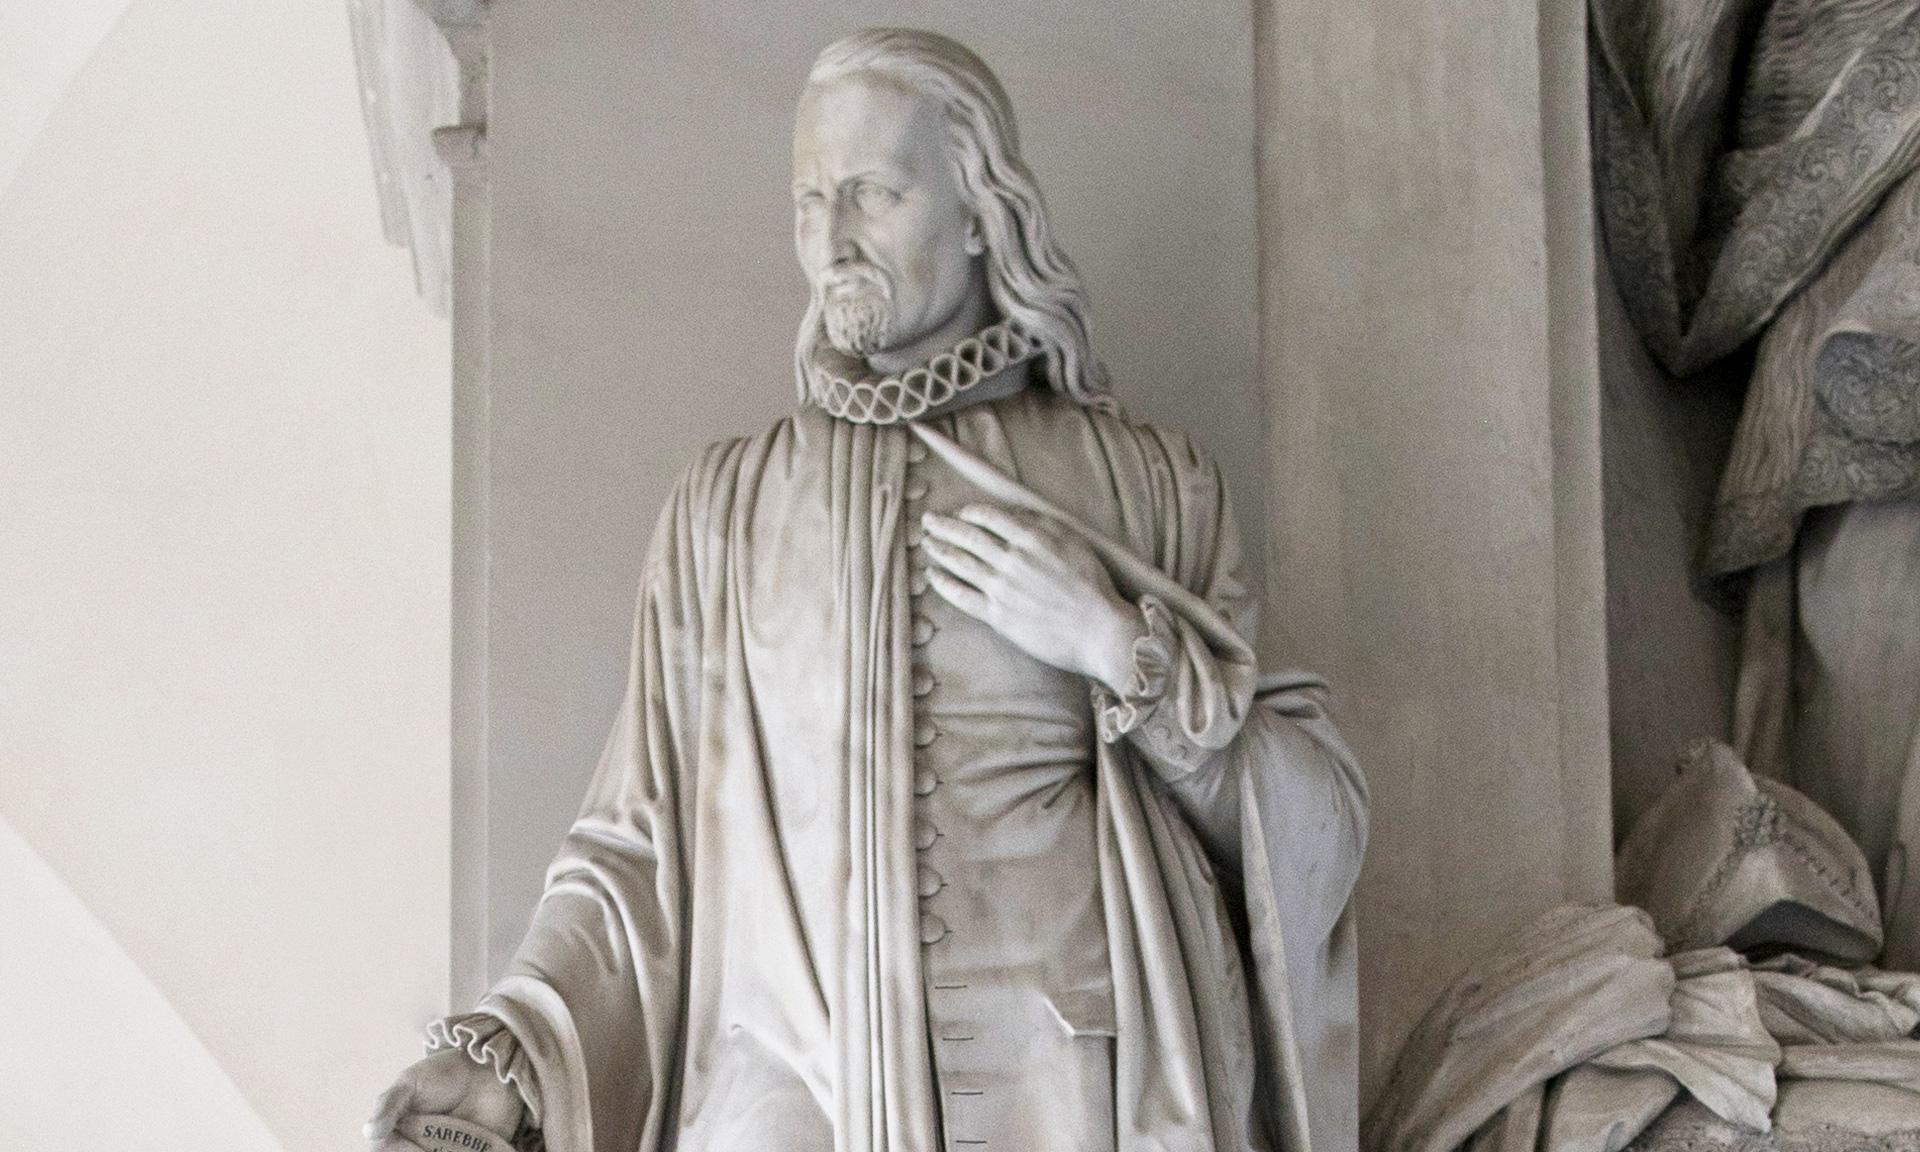 statue_e-brignole_01 - Albergo dei Poveri Genova